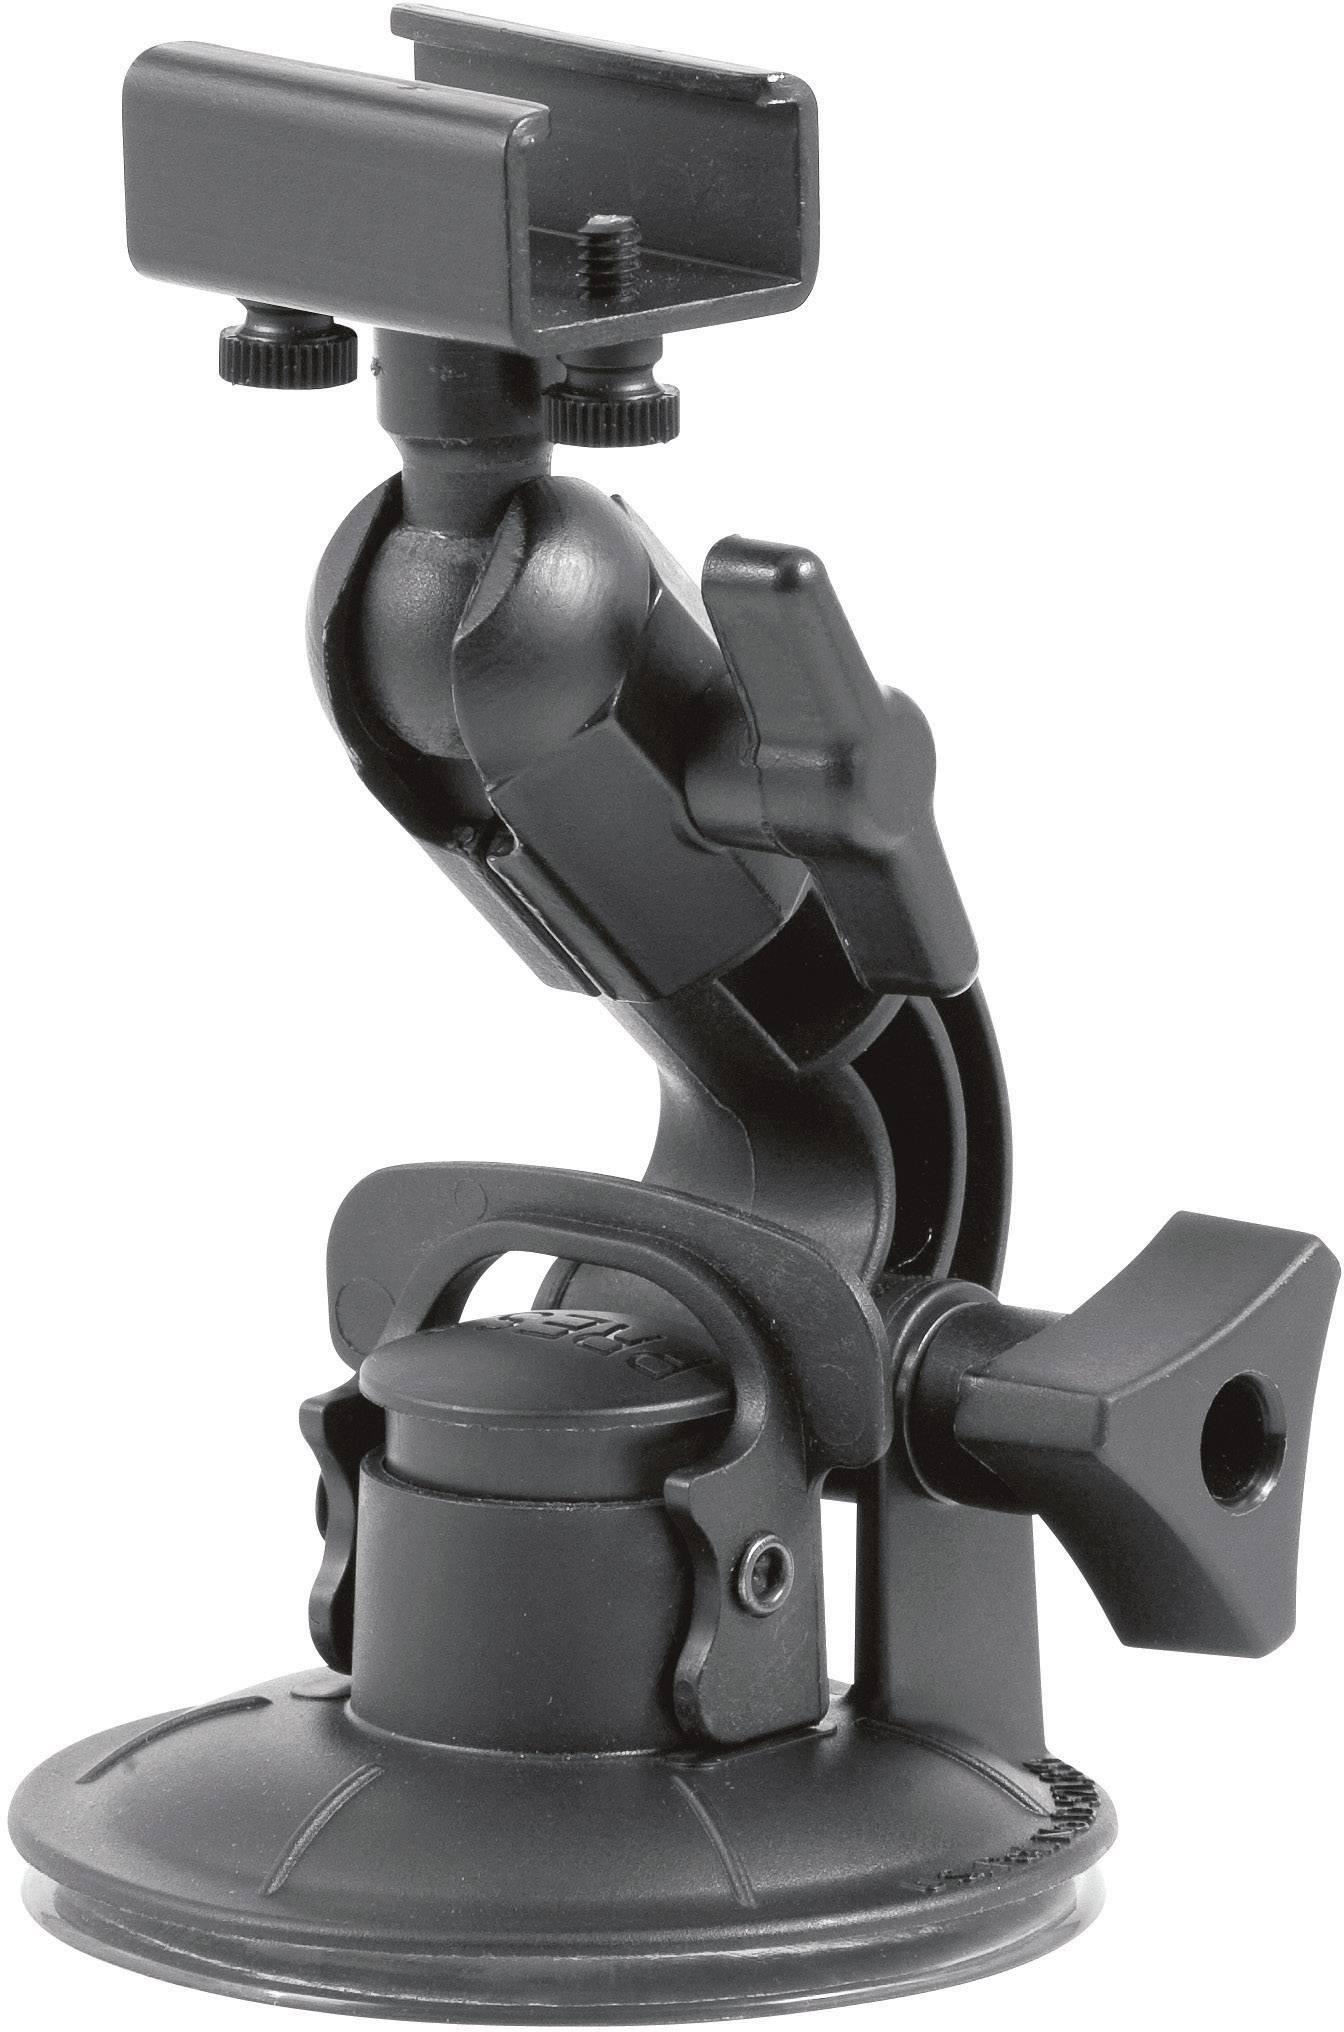 Příslušenství pro akční, sportovní a outdoorové kamery